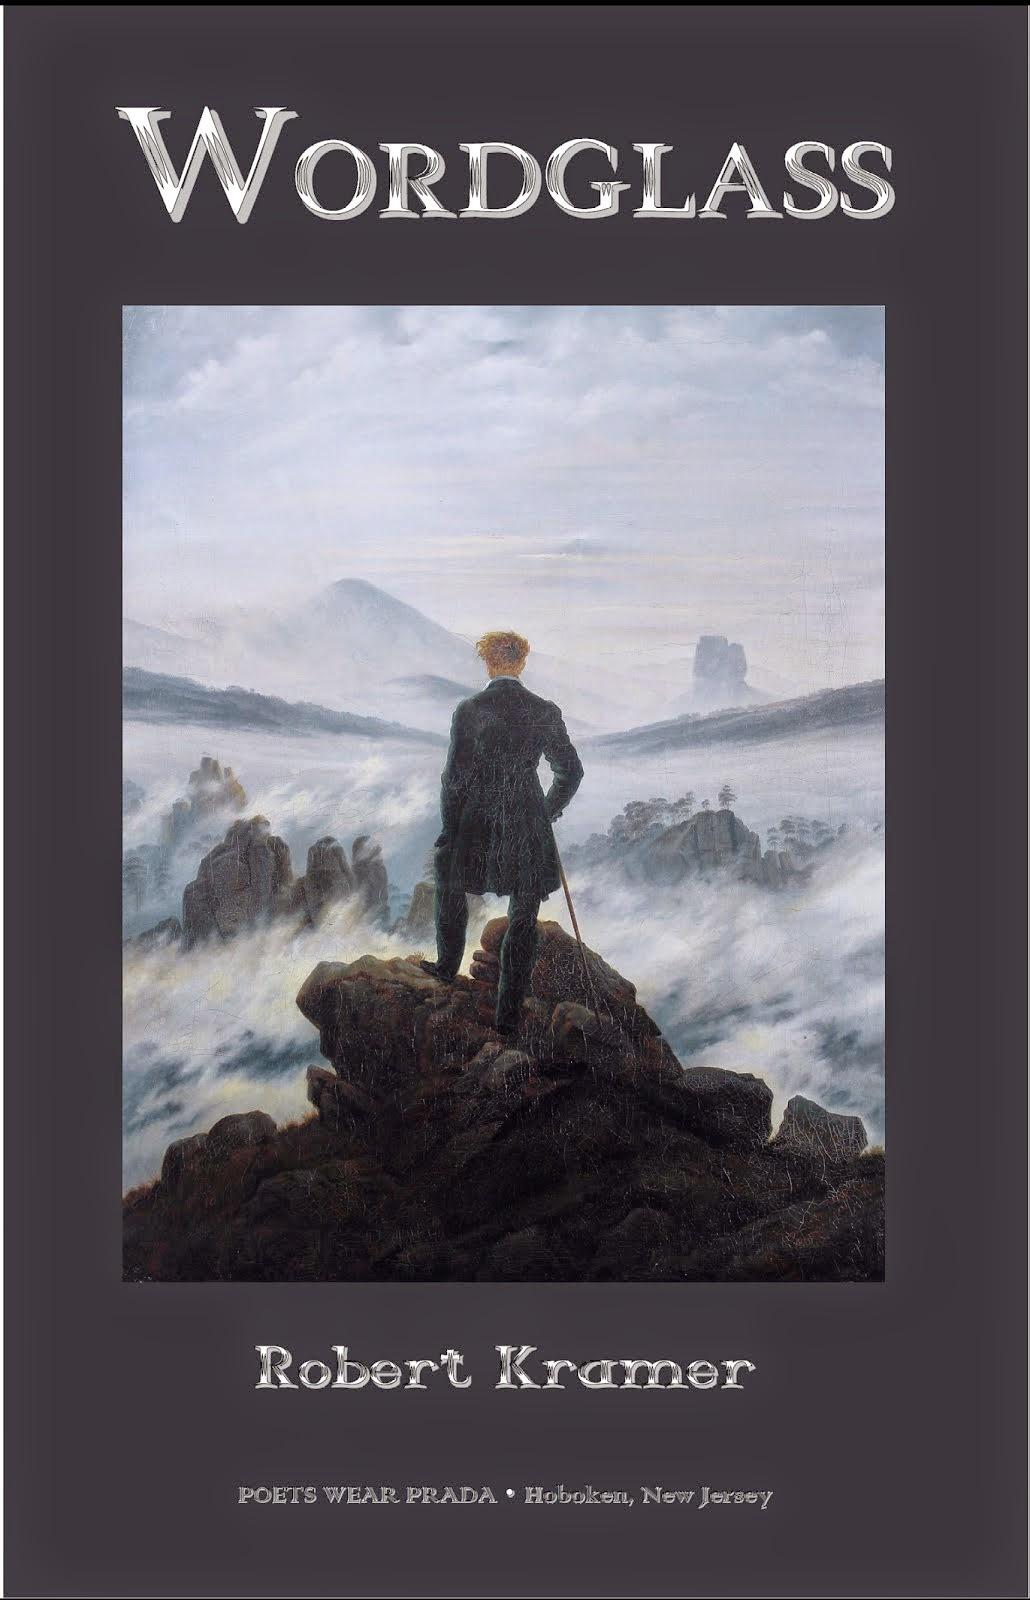 WORDGLASS by Robert Kramer